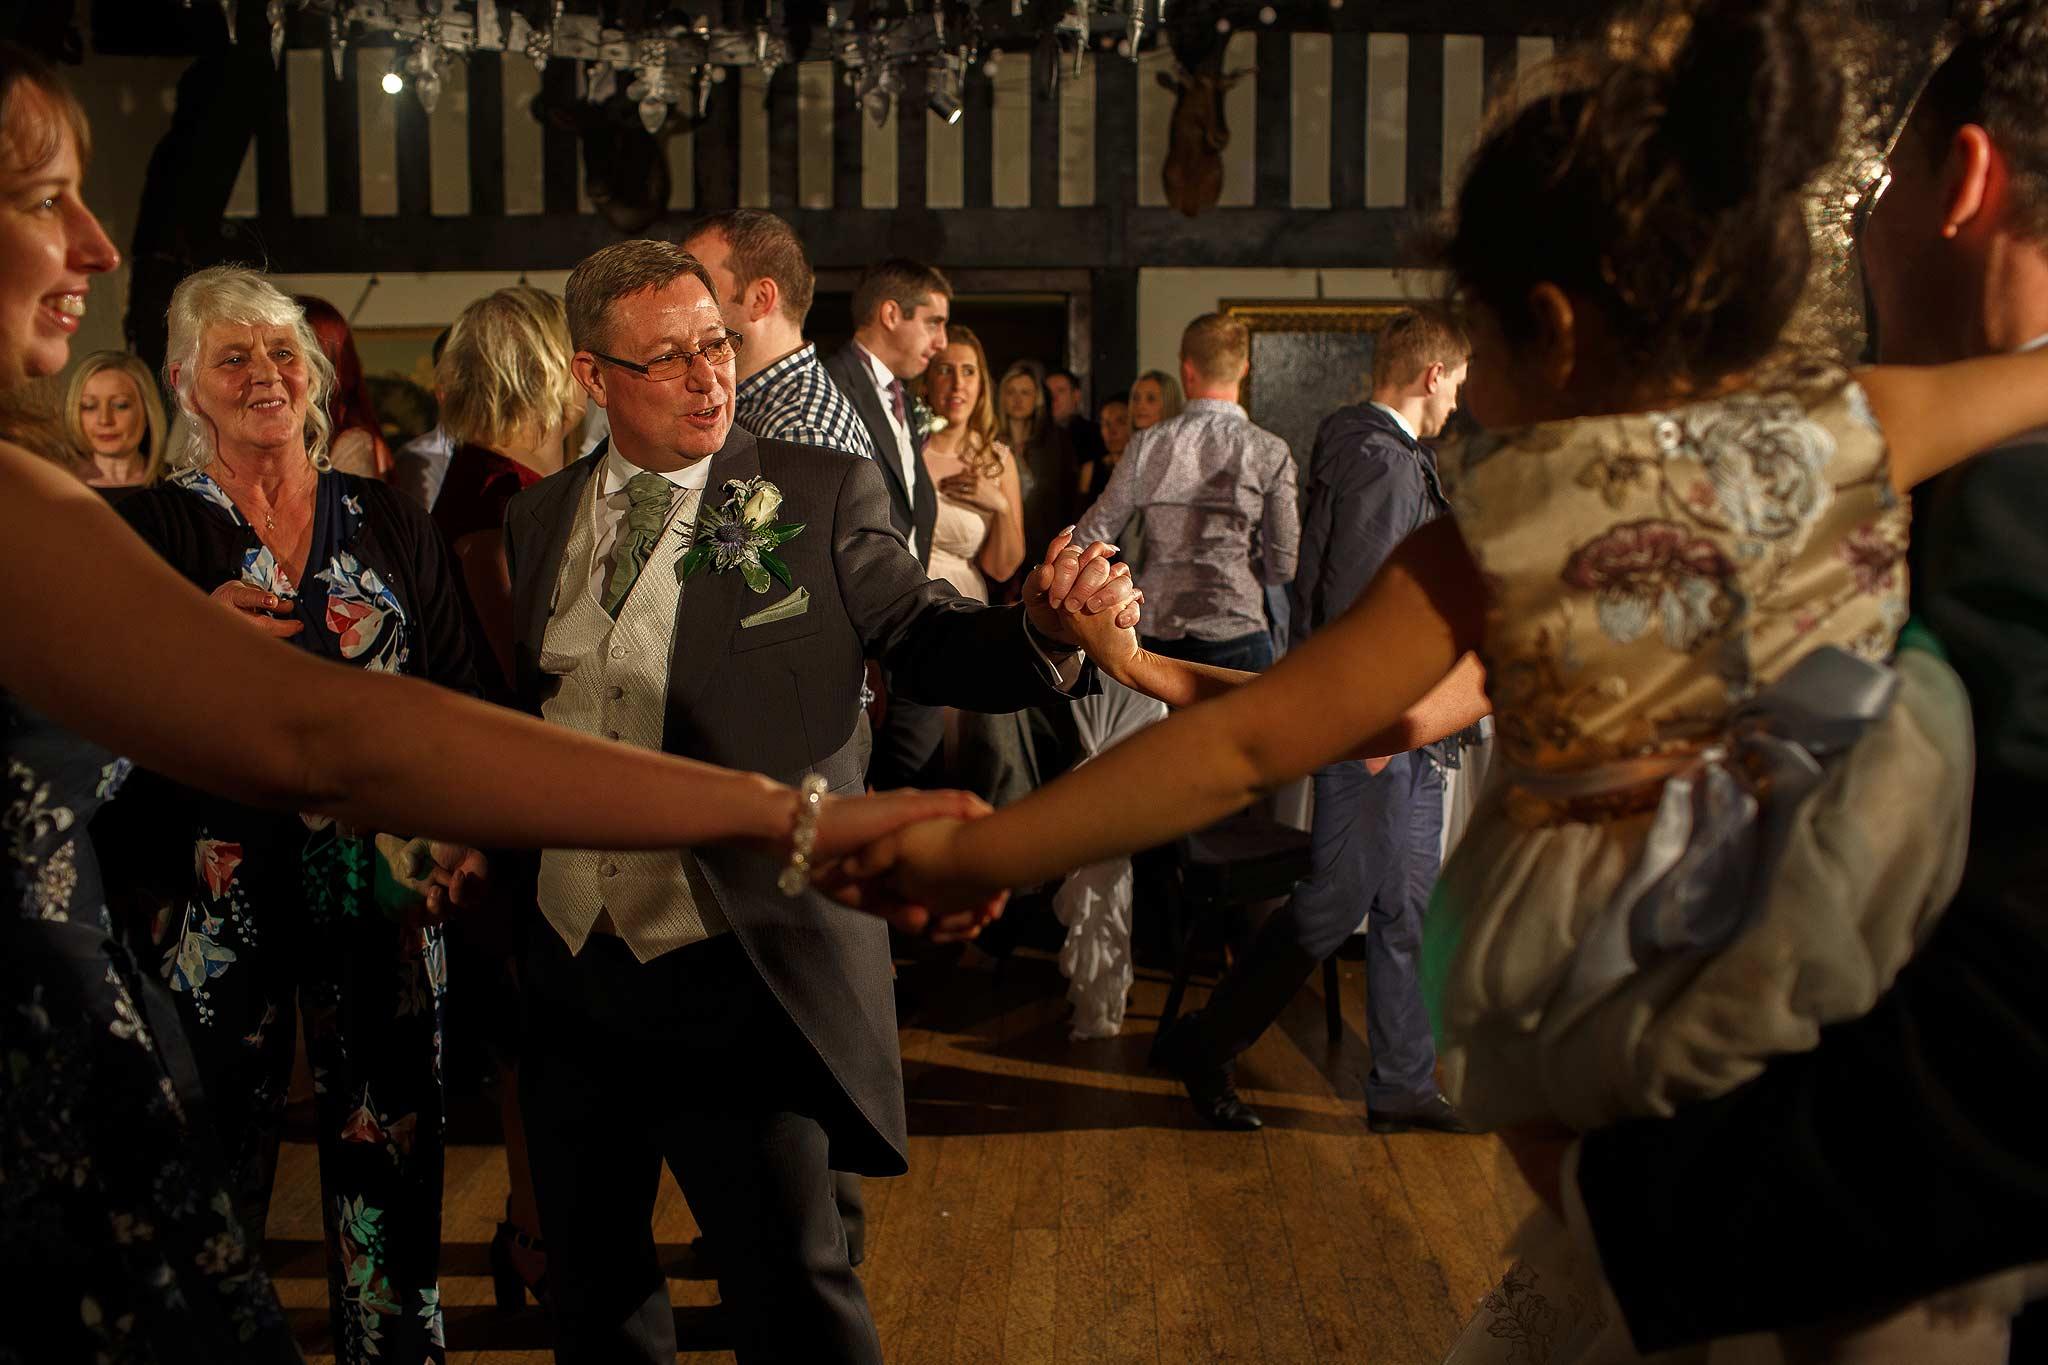 Guests dancing at Samlesbury Hall wedding